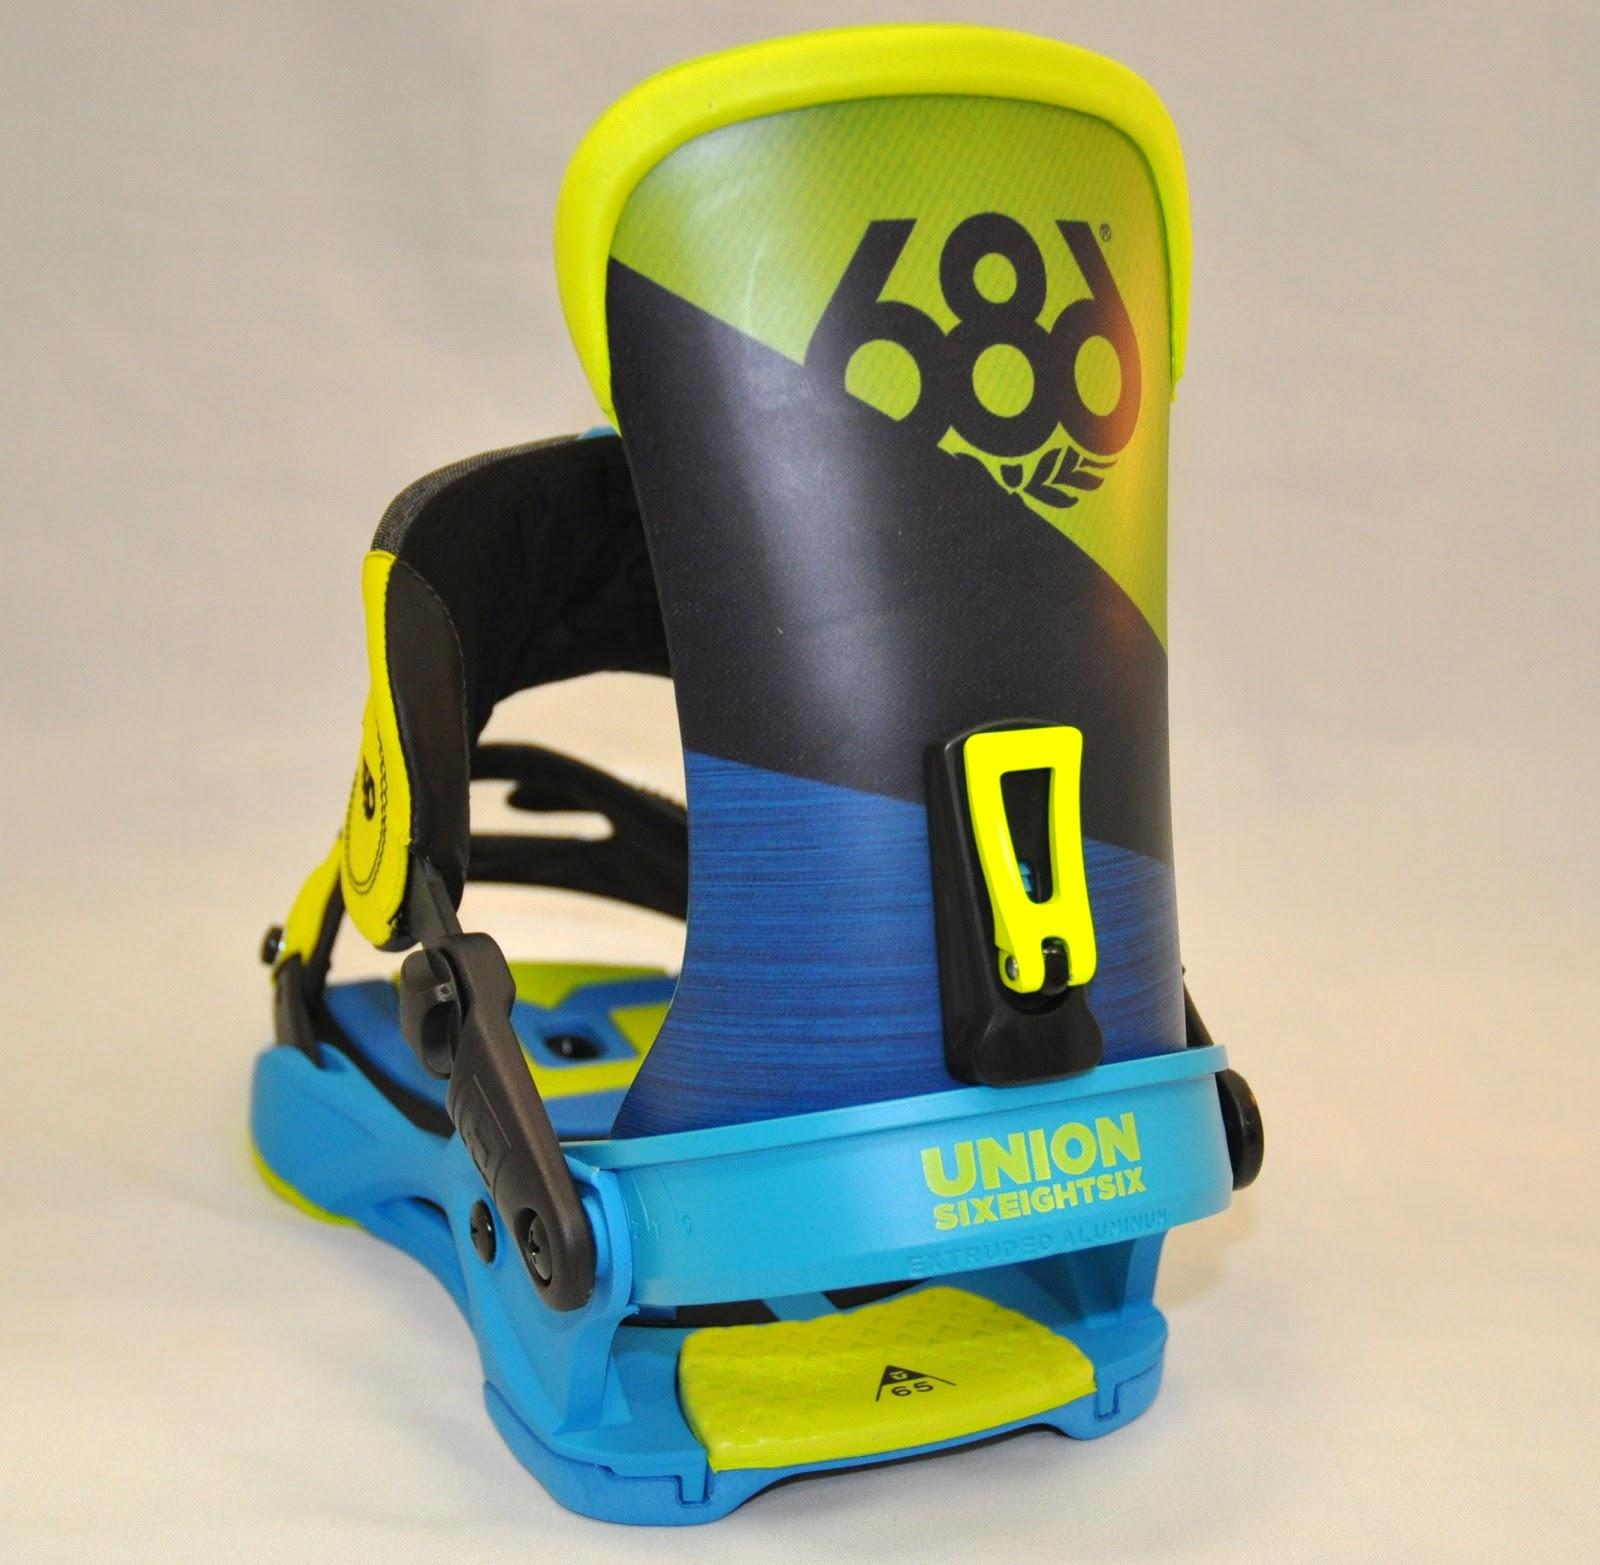 Alpine Ski Shop Daily Drops: 686 / Union Collaboration